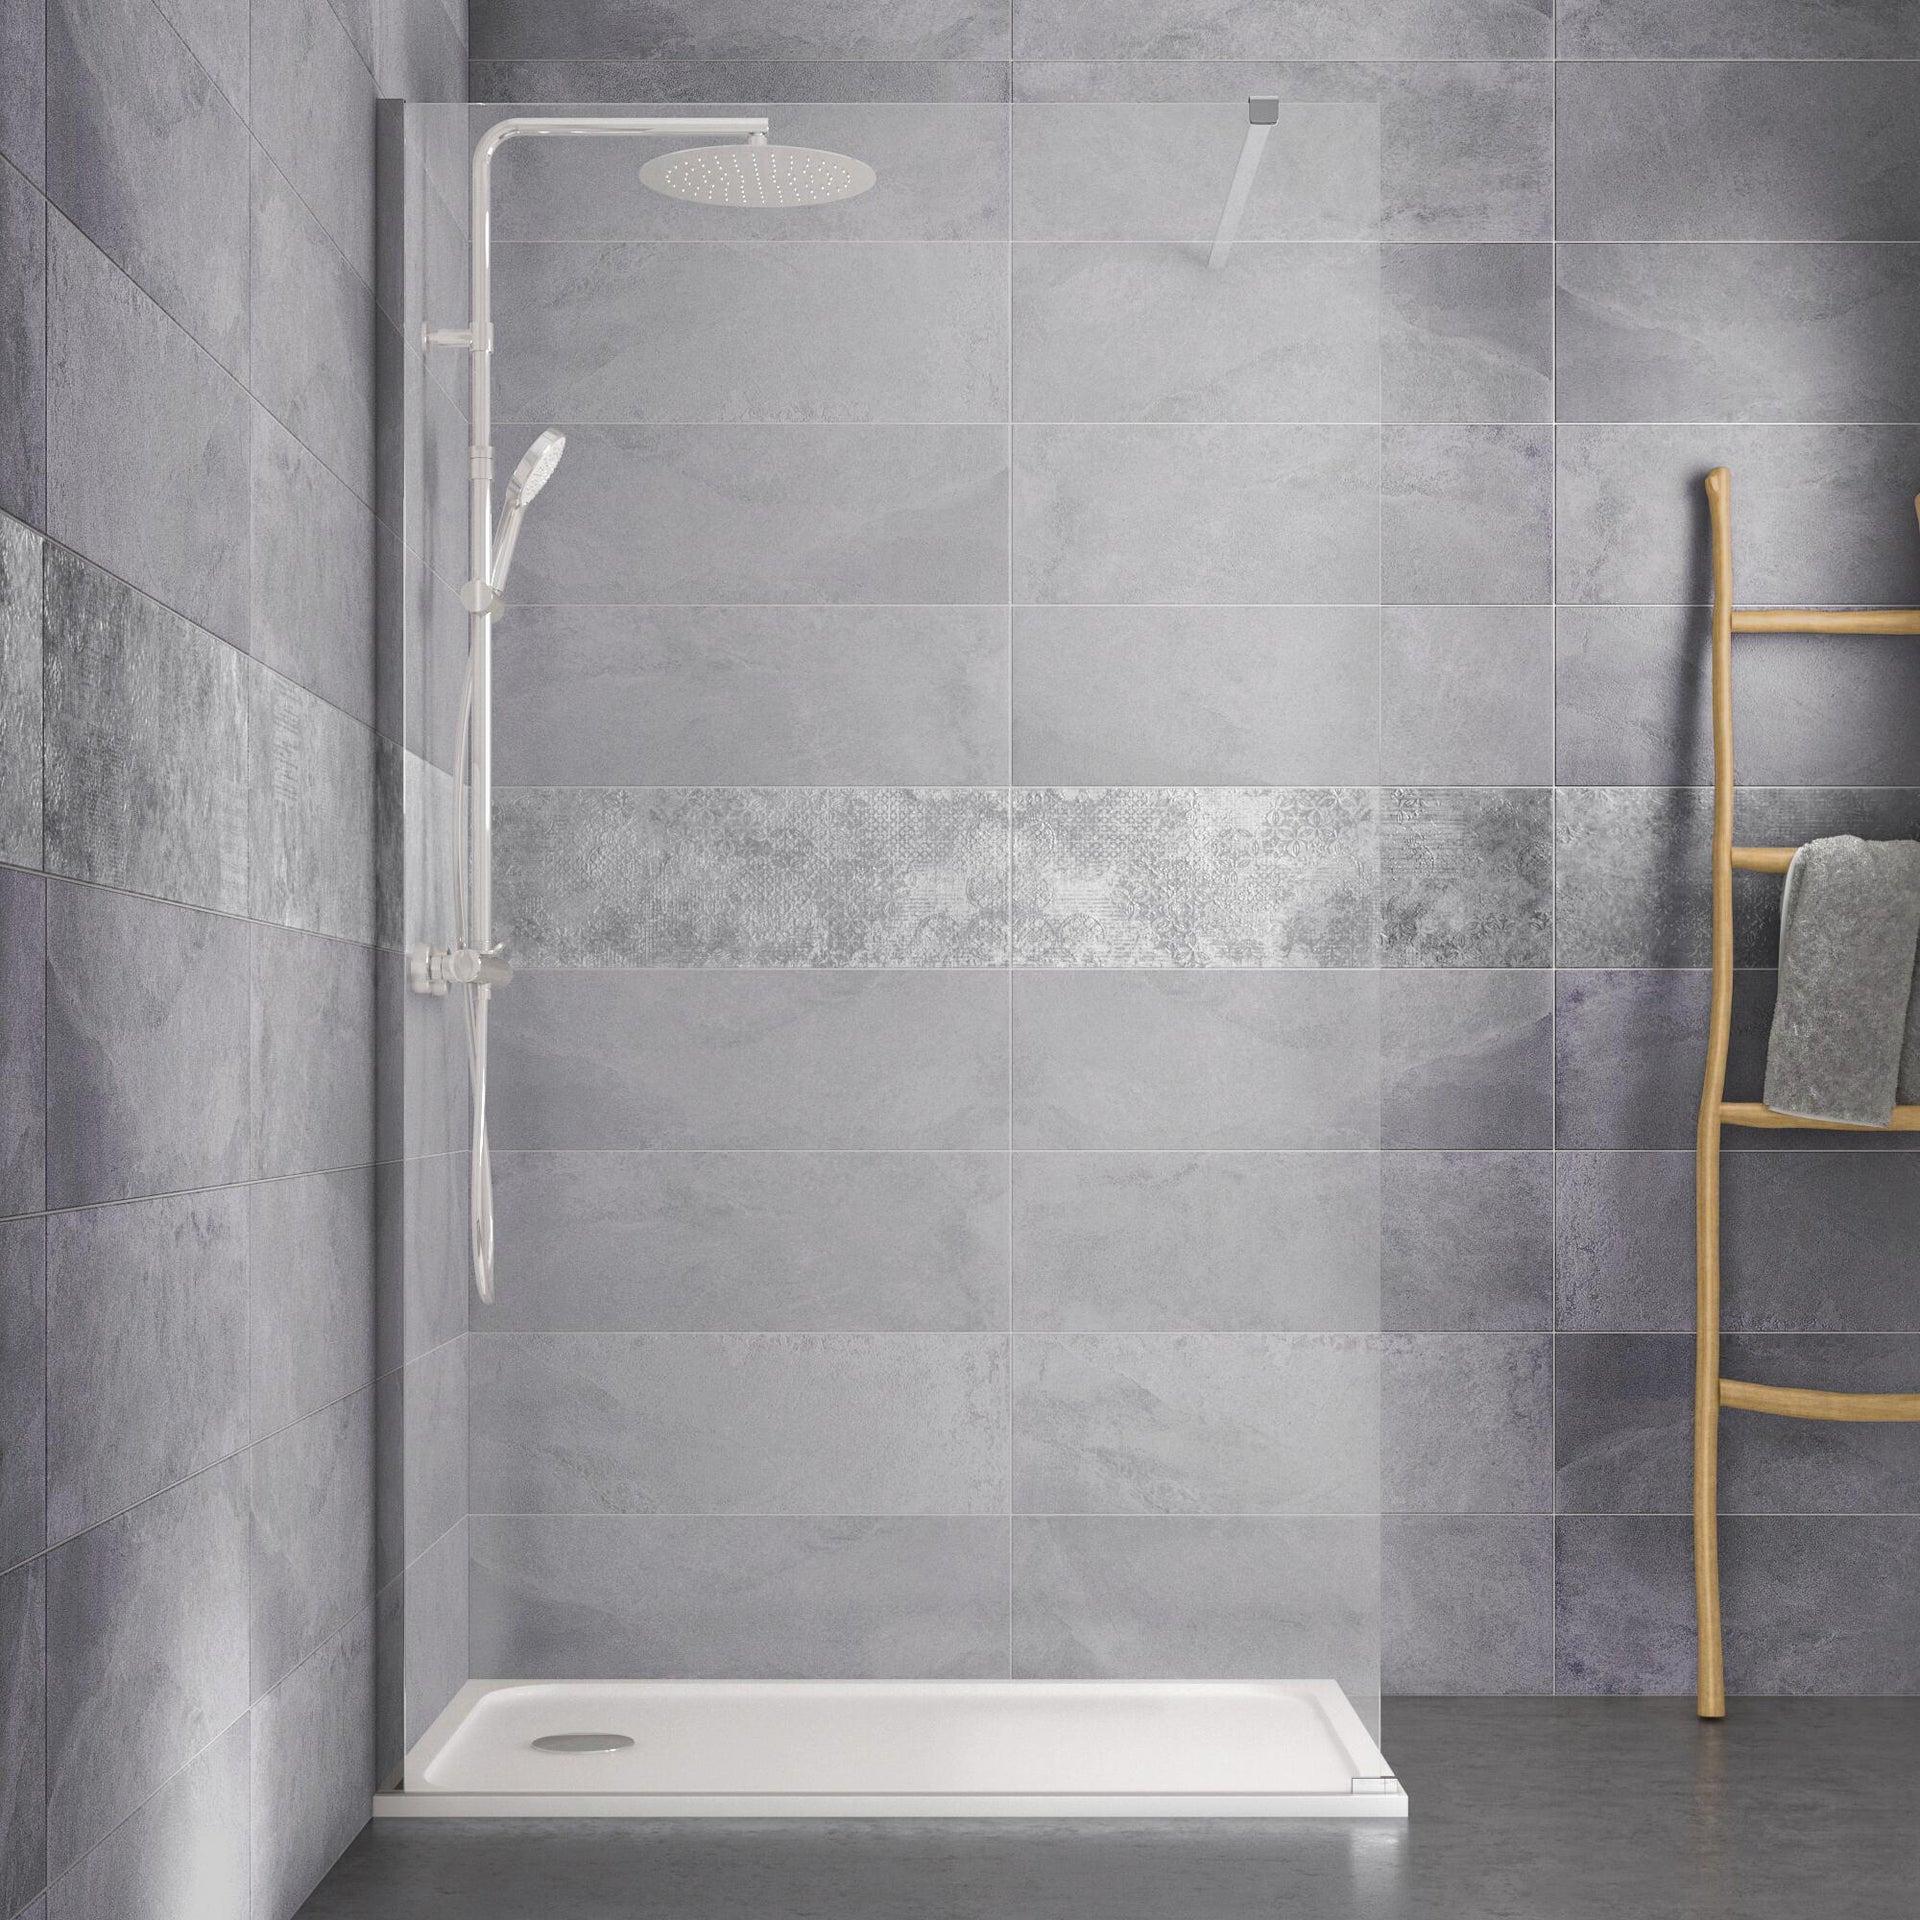 Piatto doccia resina sintetica e polvere di marmo Easy 80 x 120 cm bianco - 12